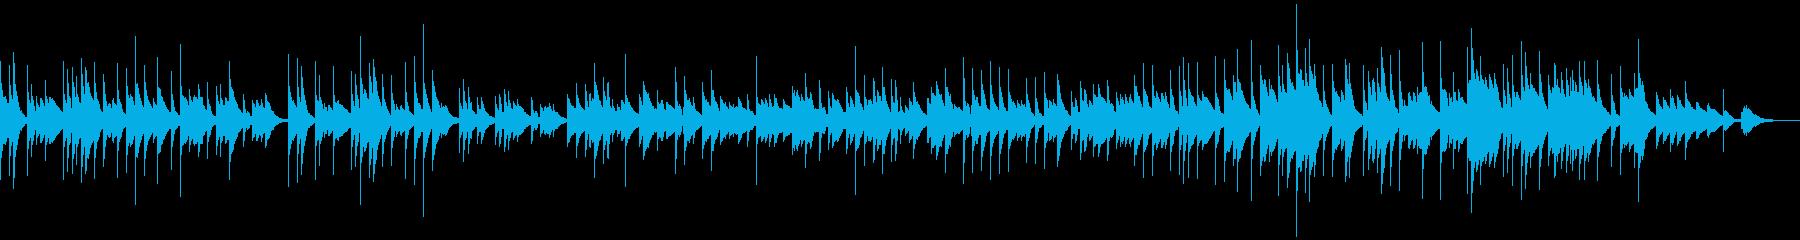 オルゴール風の優しい曲の再生済みの波形